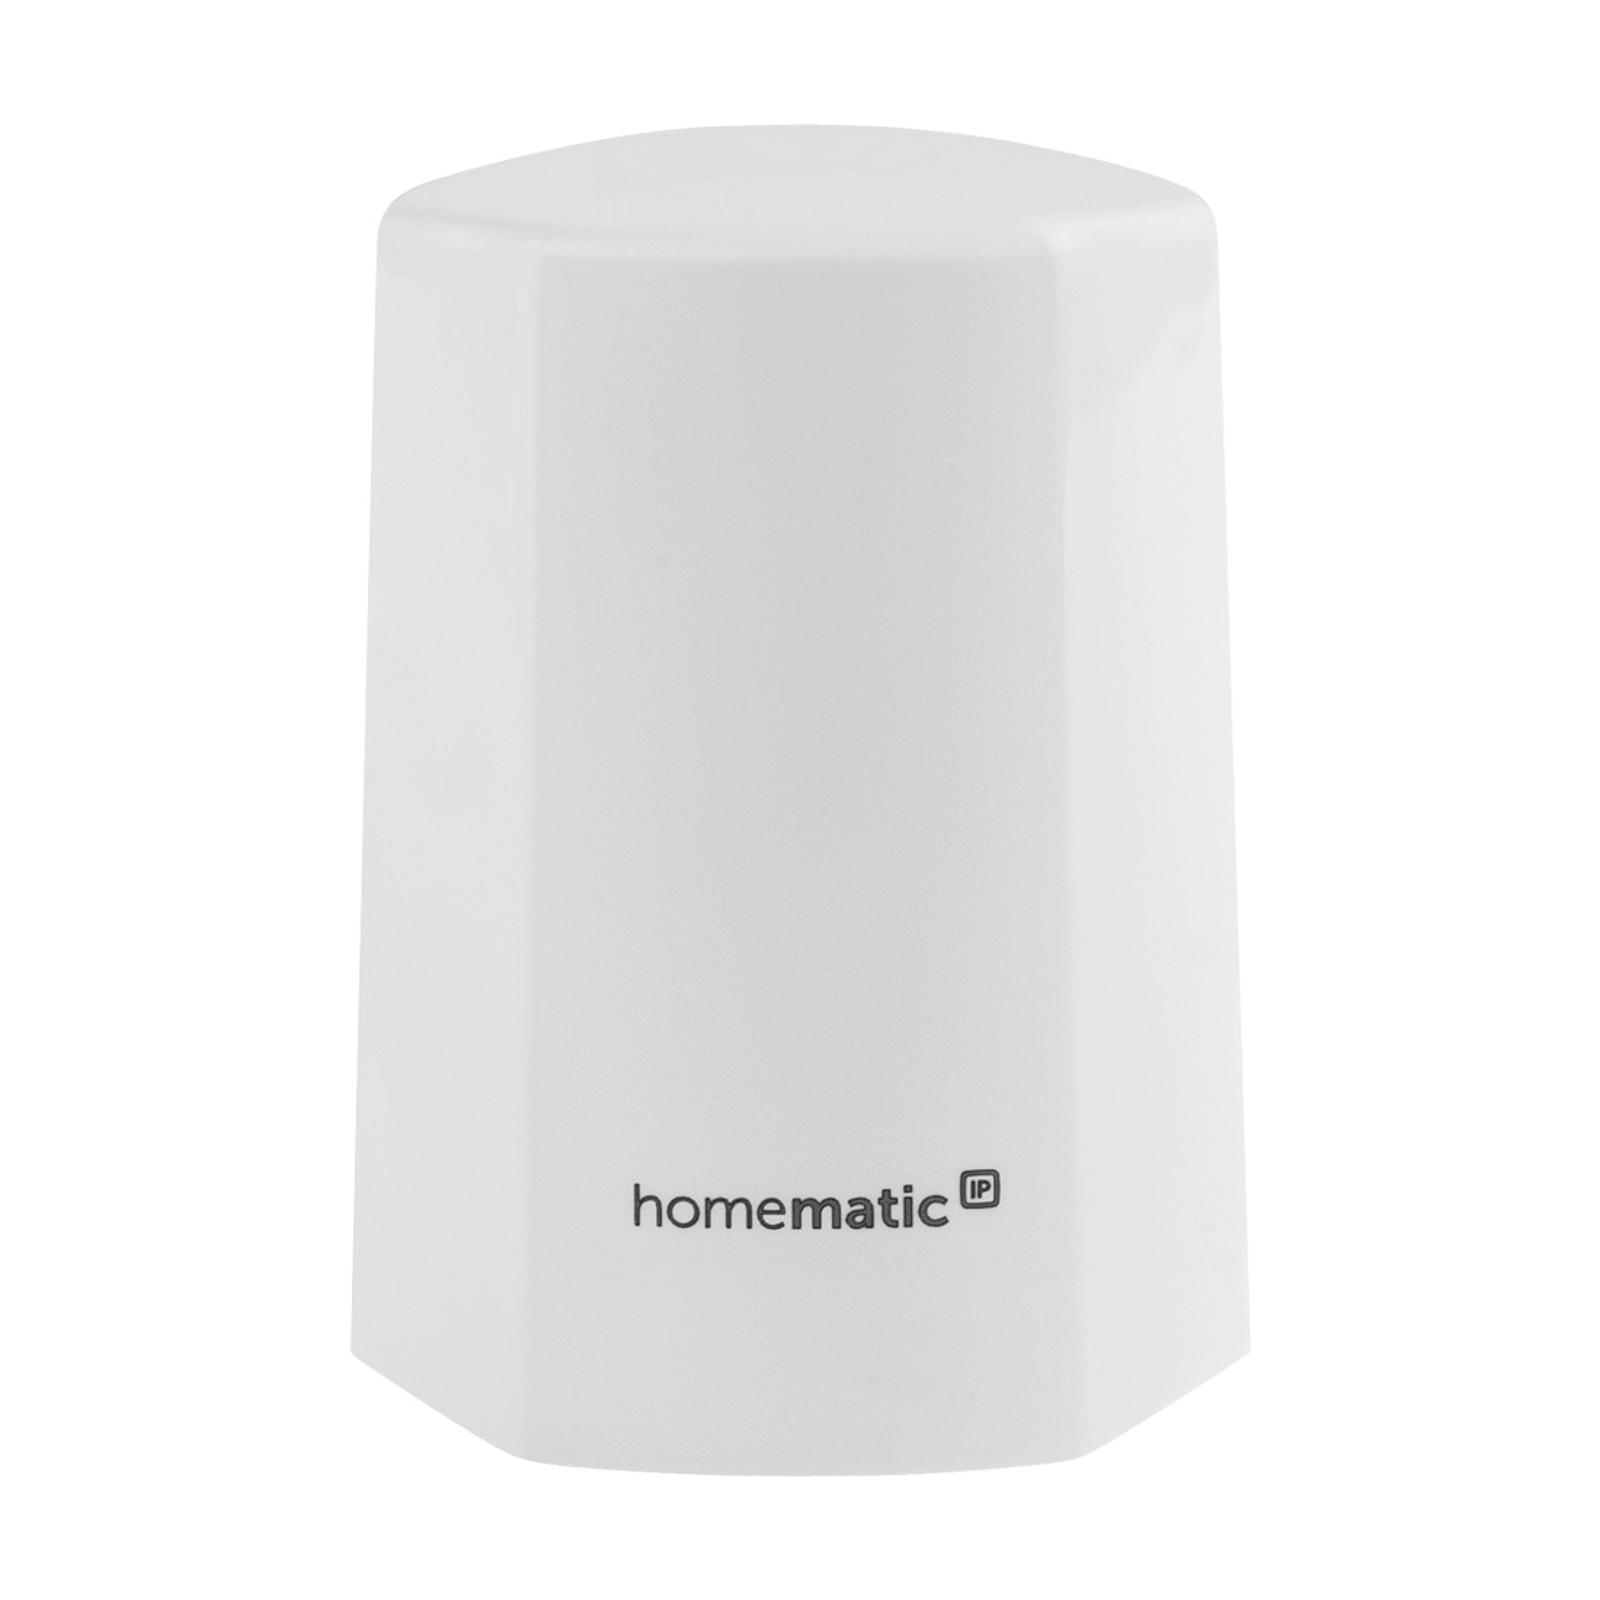 Homematic IP-temperatuur-/vochtsensor buiten wit